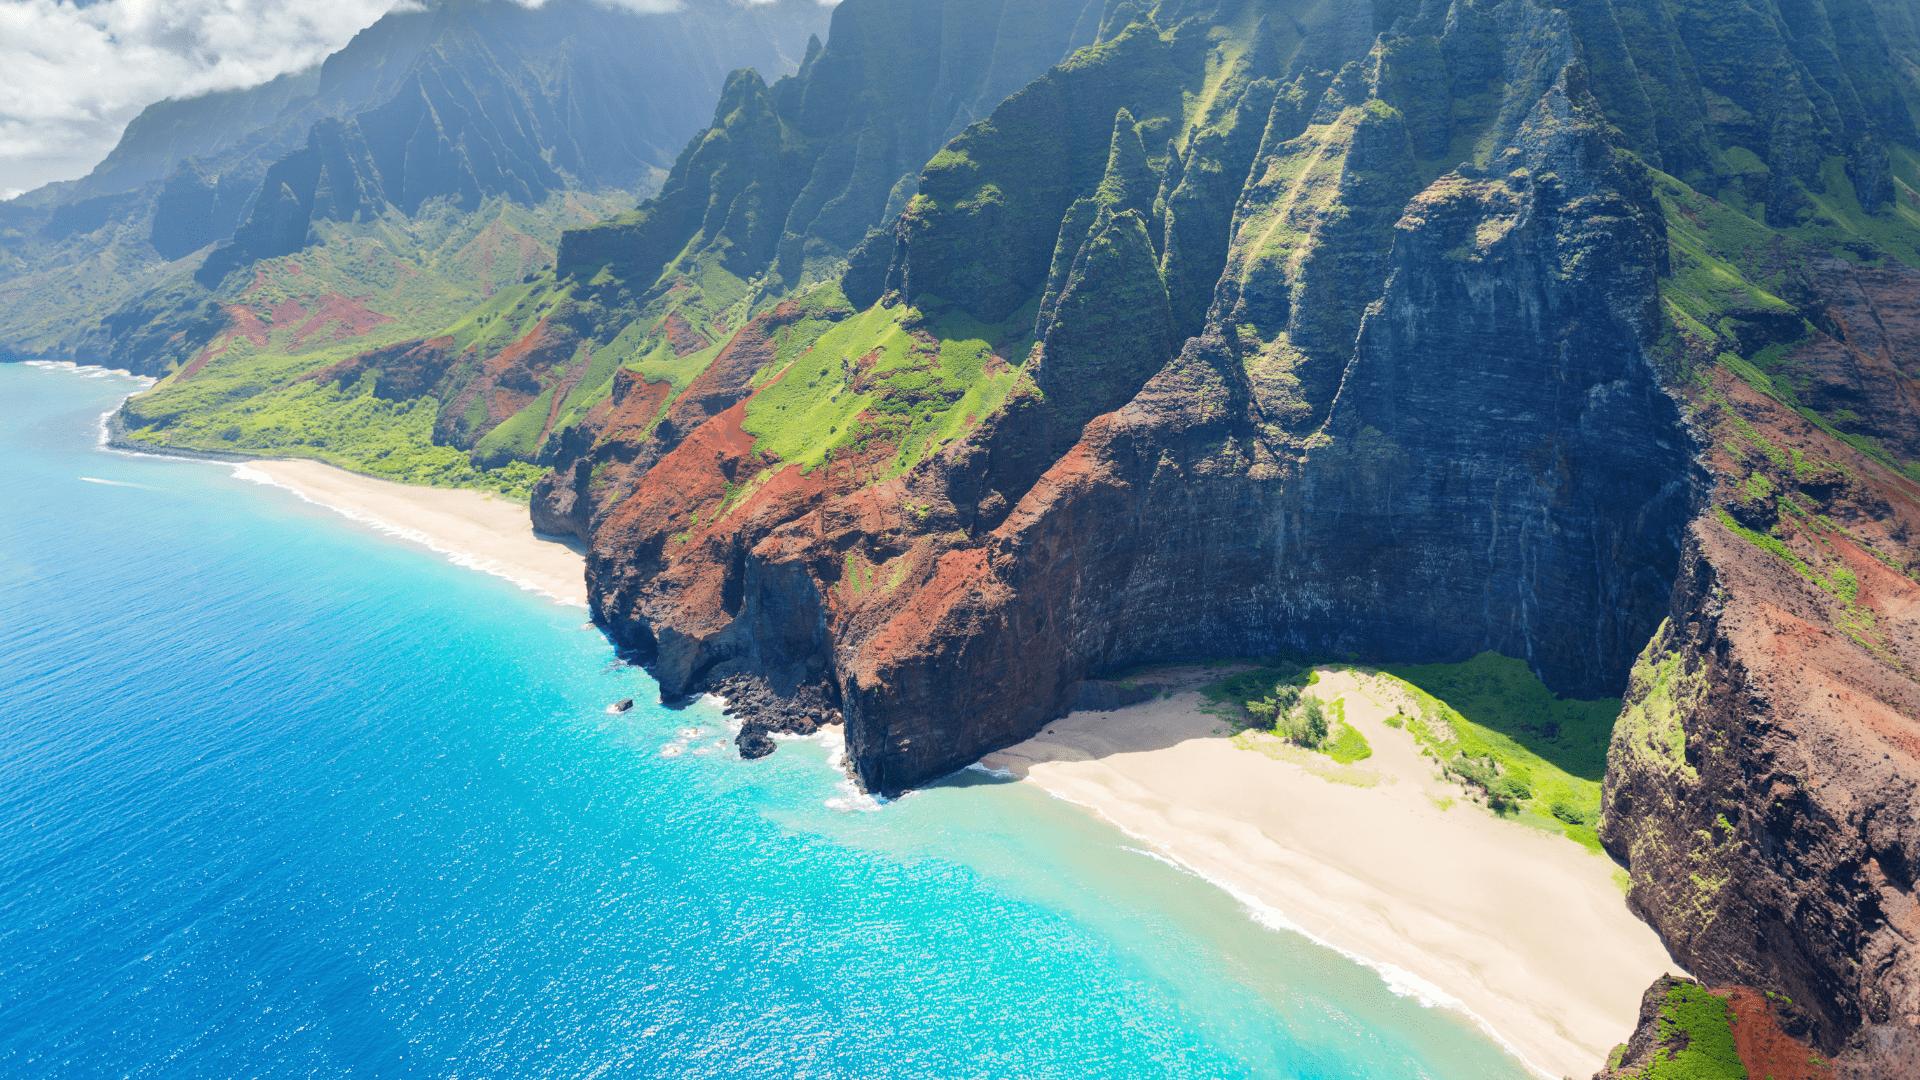 Vulkaninės kilmės Kauai sala